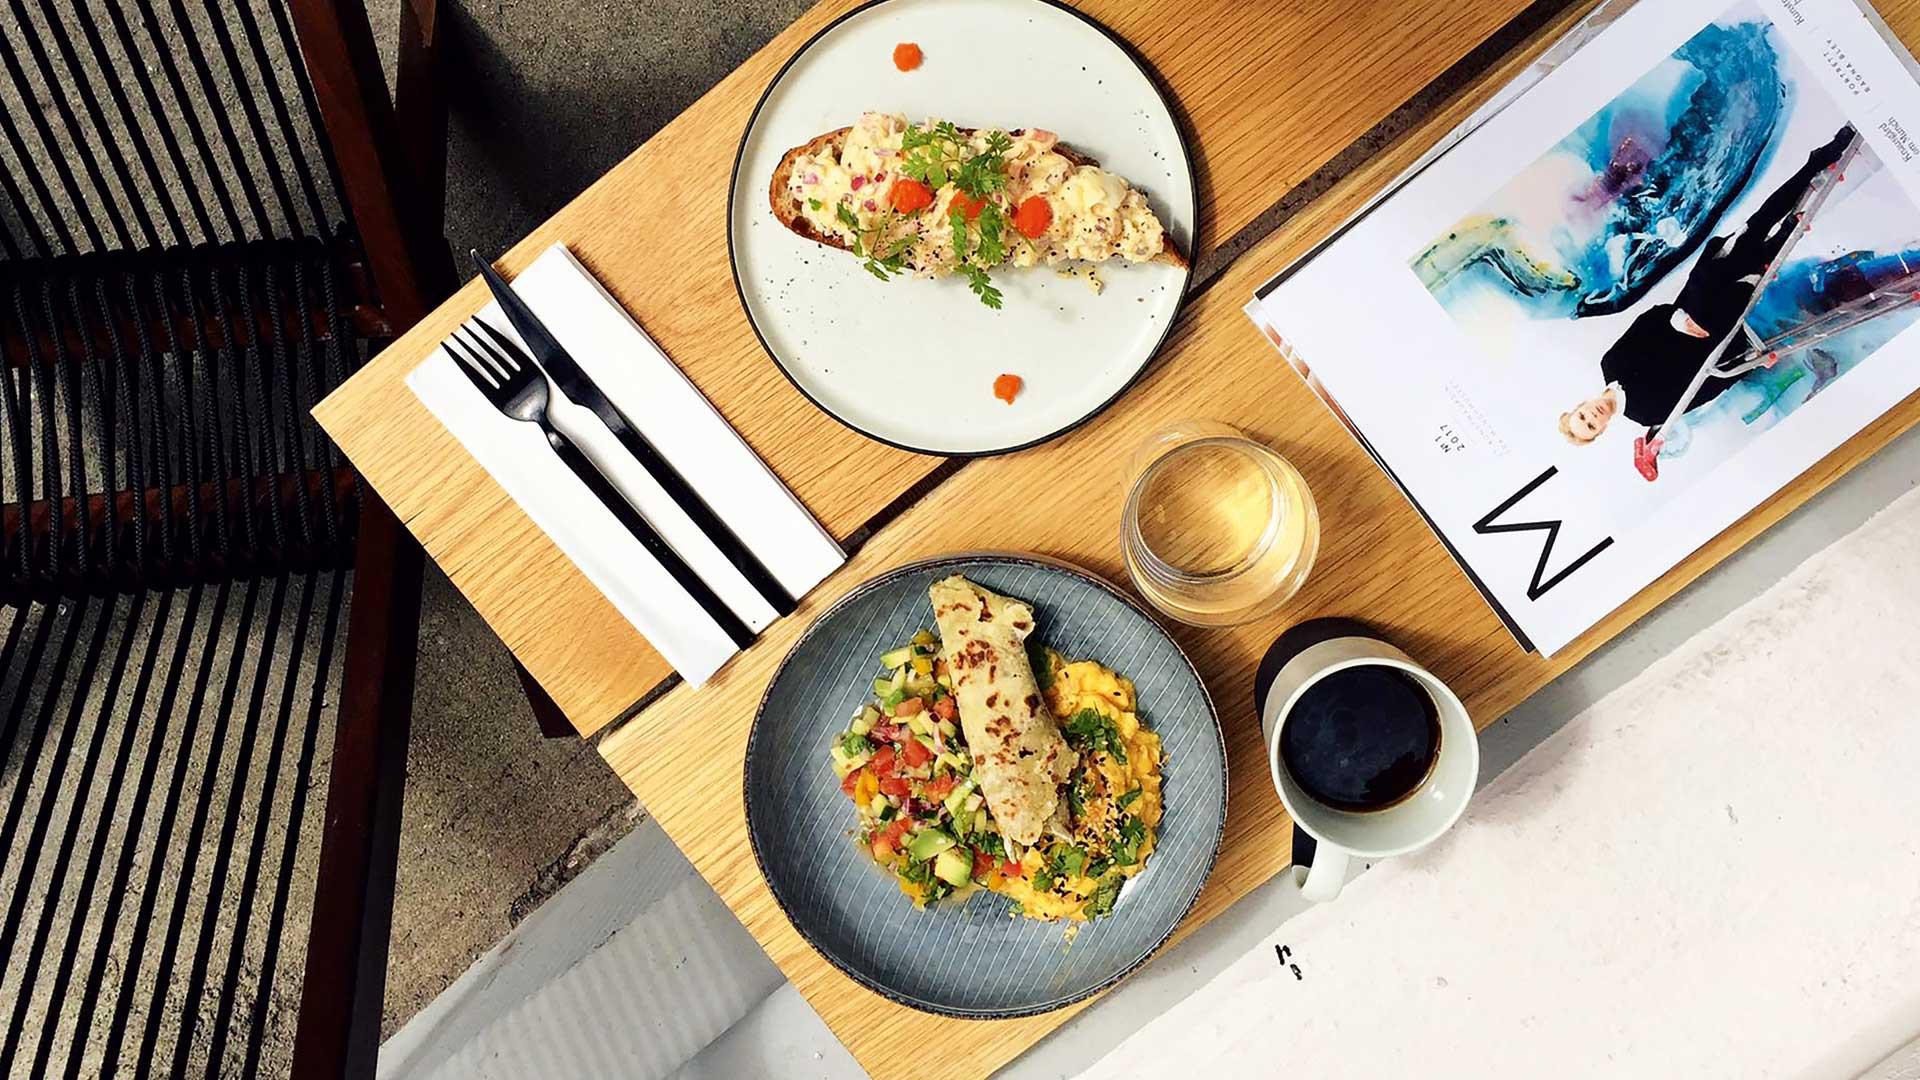 Food at Grådi, Oslo, Norway